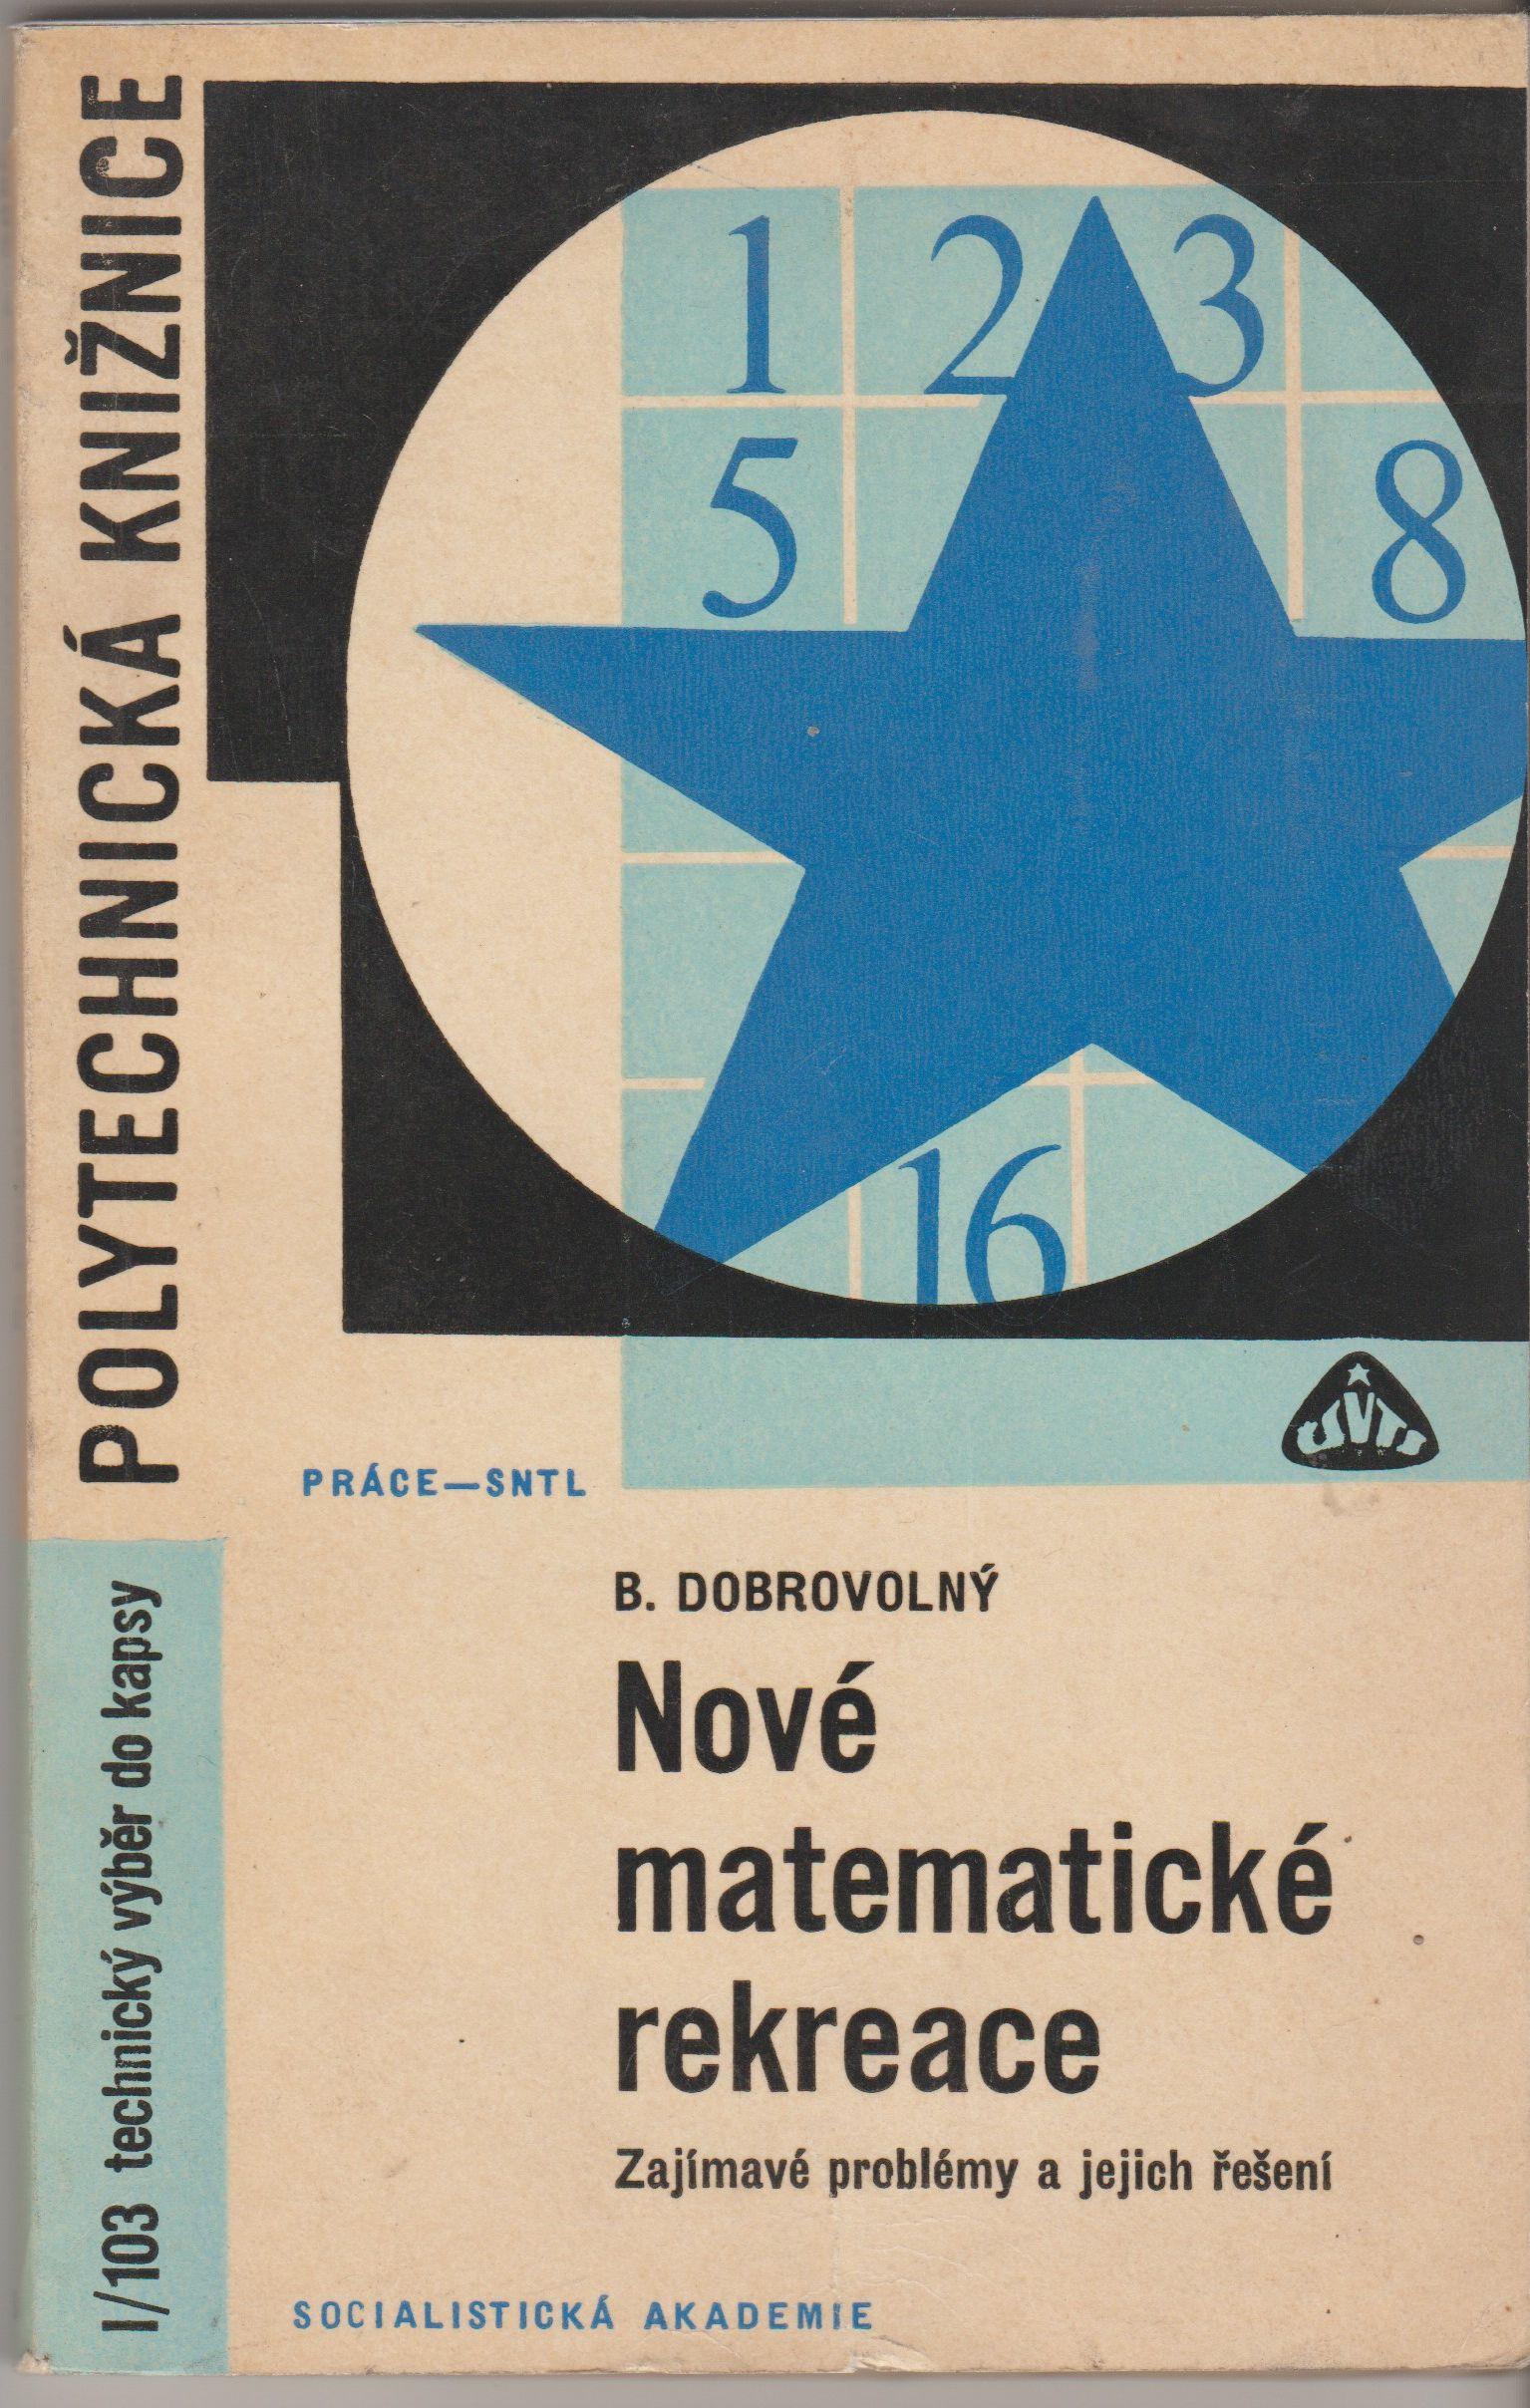 Nové matematické rekreace - B. Dobrovolný